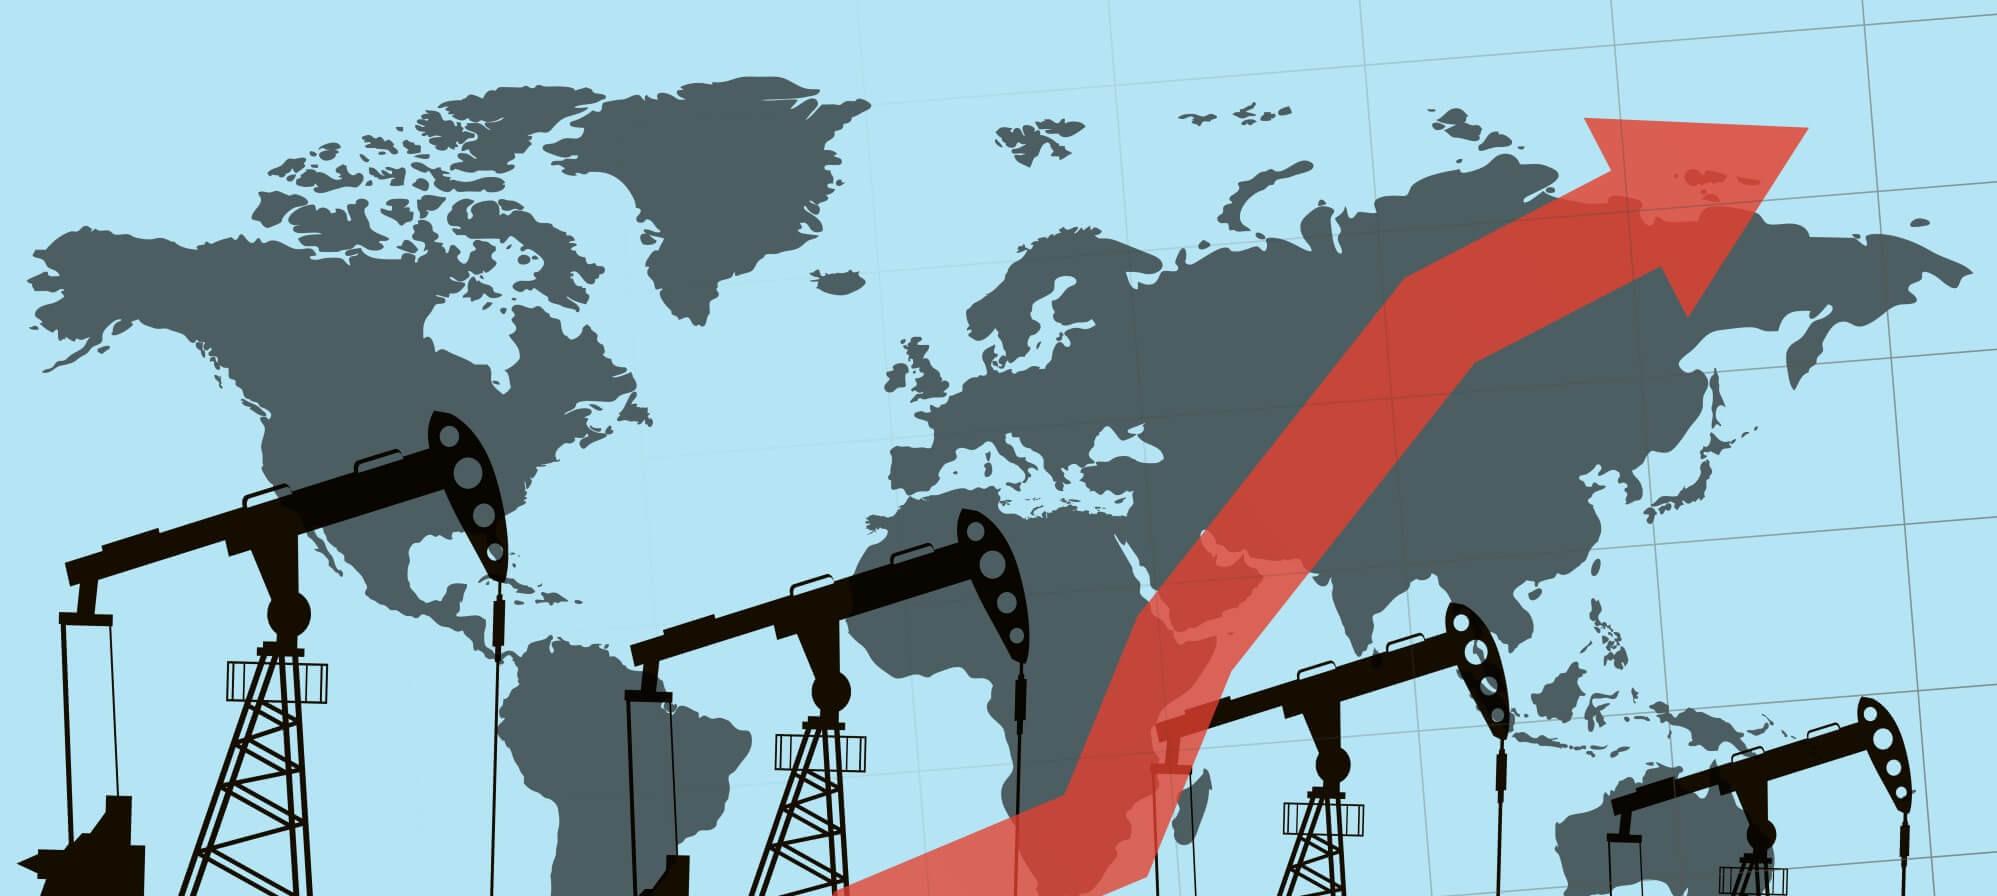 Naftas cenu ietekme uz Latvijas patēriņa cenām